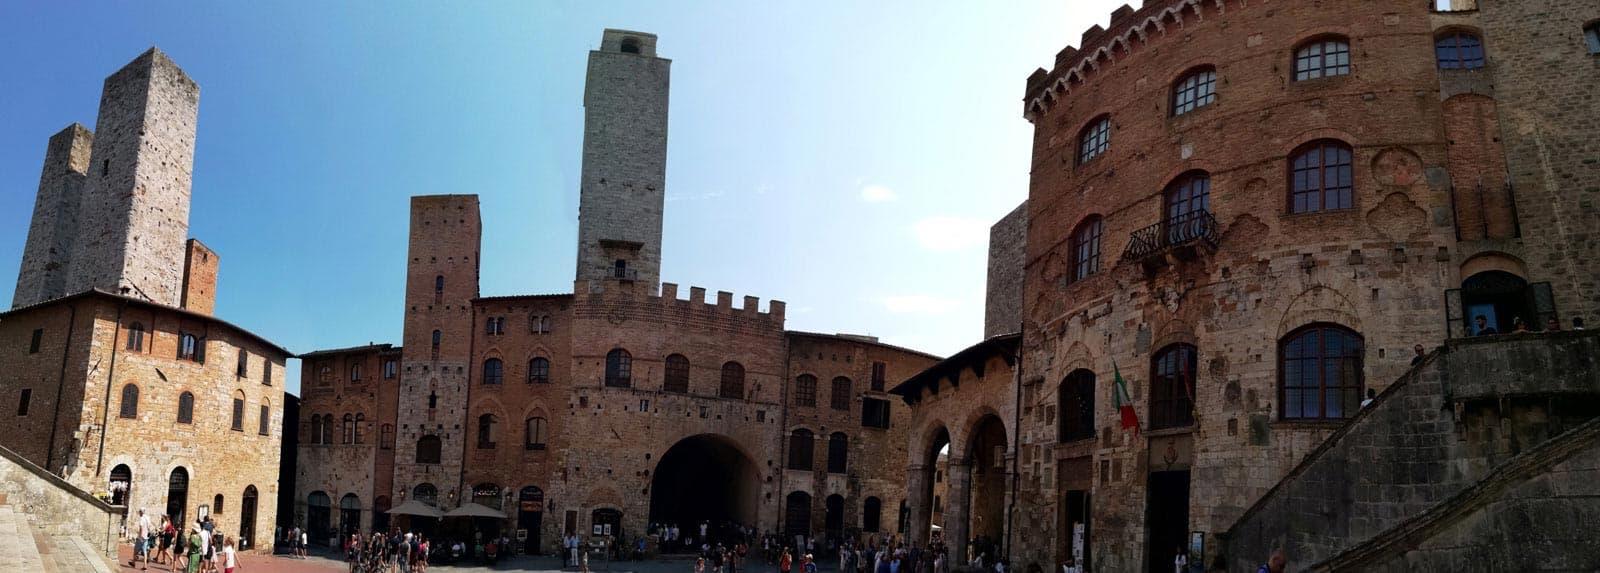 San-Gimignano-panorama